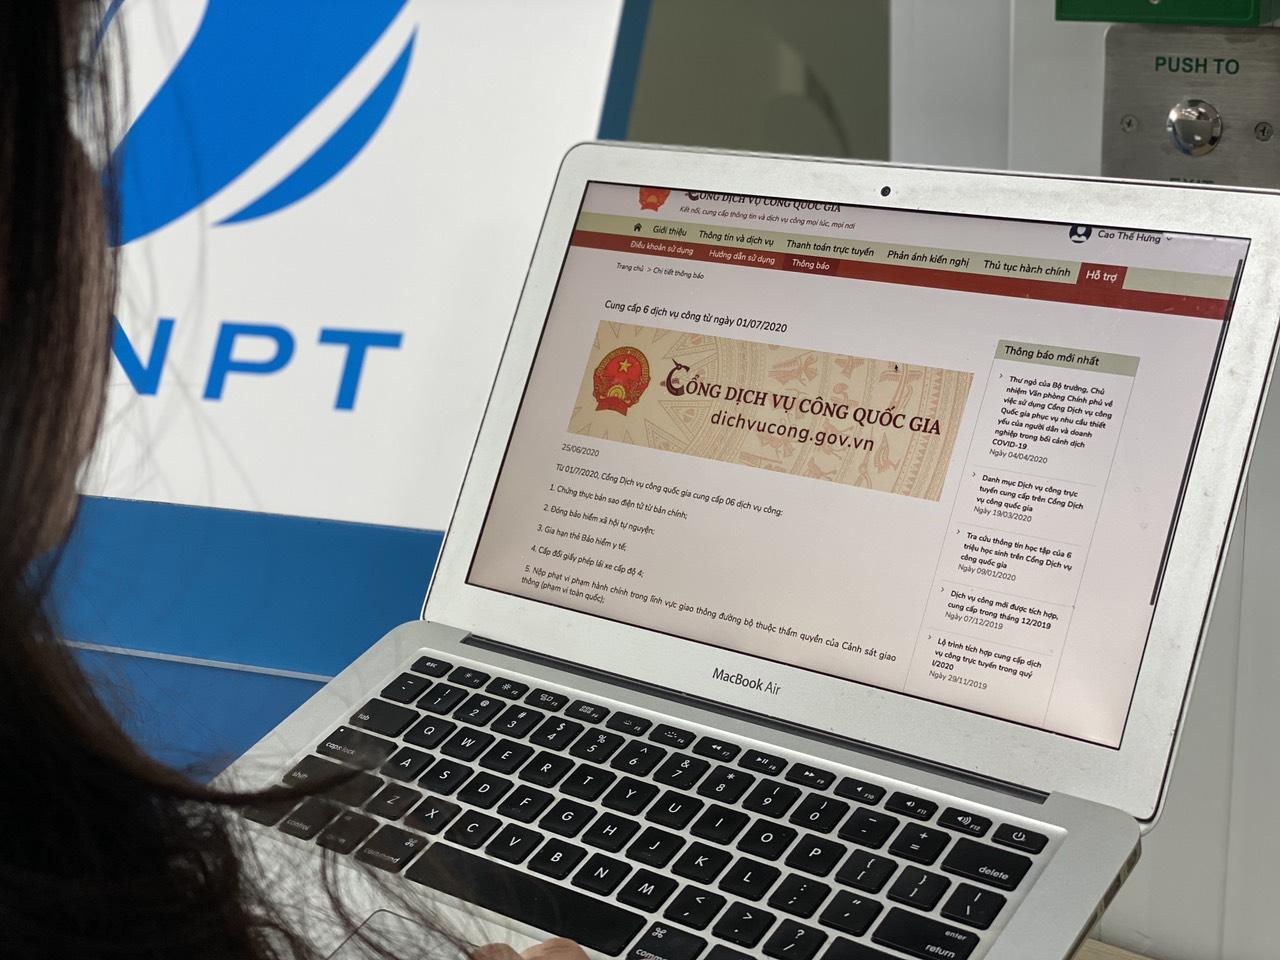 Cổng Dịch vụ công Quốc gia thêm nhiều dịch vụ mới, thanh toán dễ dàng qua ví điện tử - Ảnh 1.